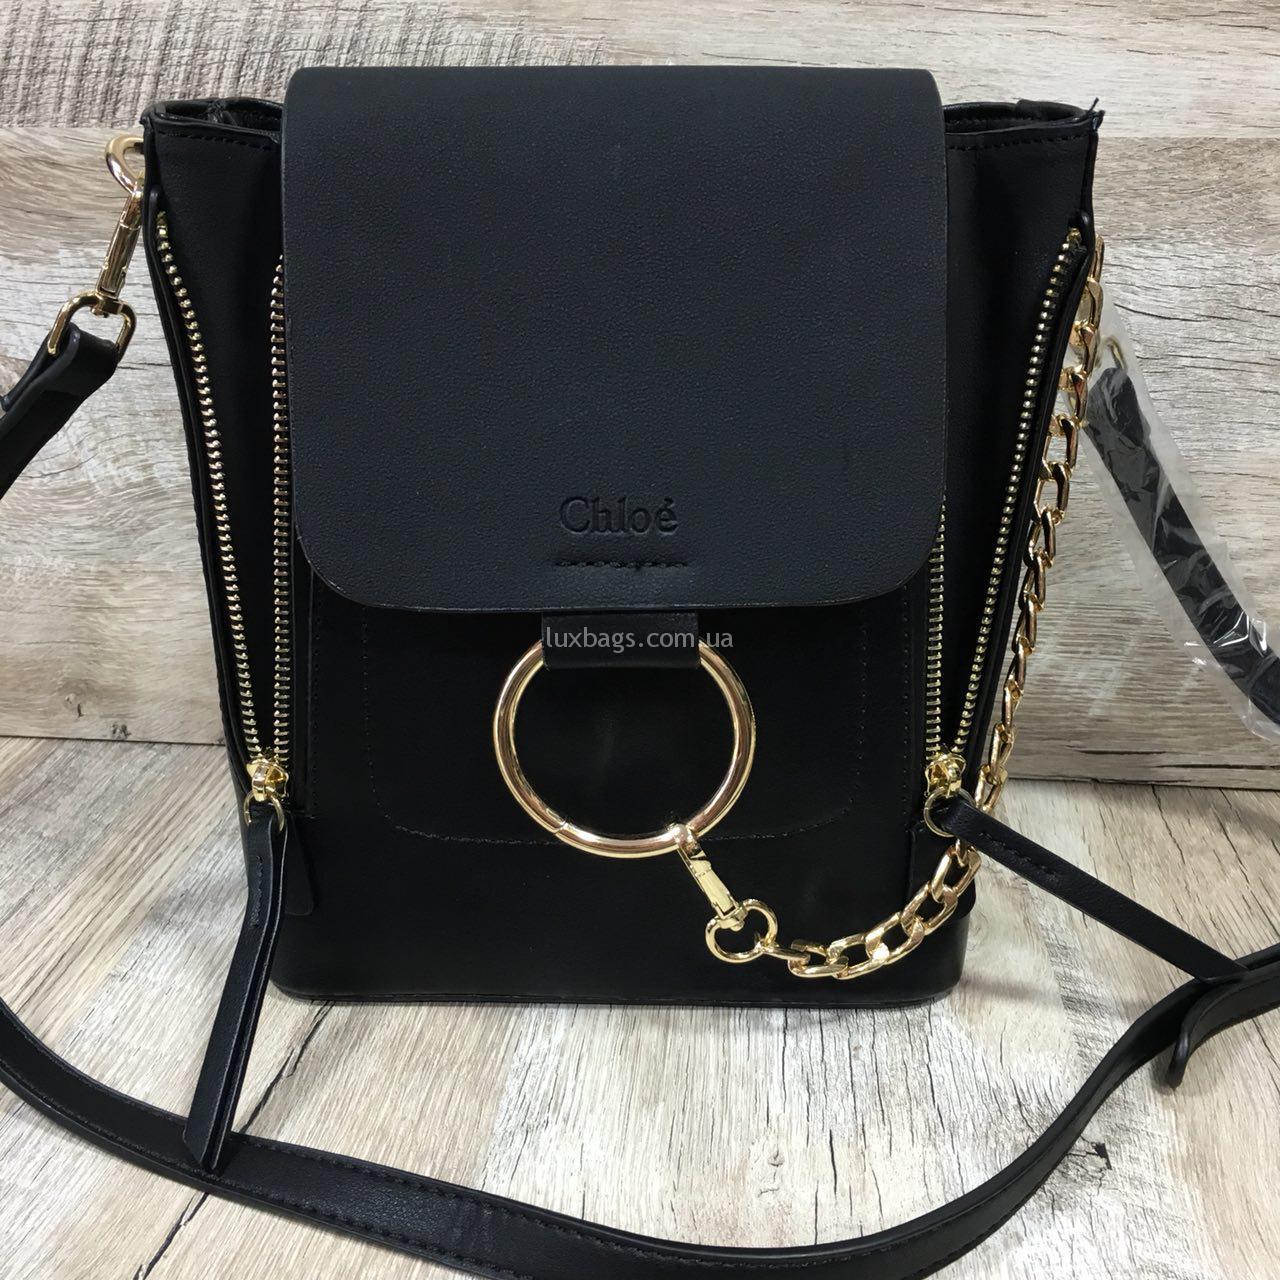 62bc87ee5cff Главная / РЮКЗАКИ / Женская рюкзак-сумка CHLOÉ Faye. 🔍. черный брендовый  рюкзак из экокожи